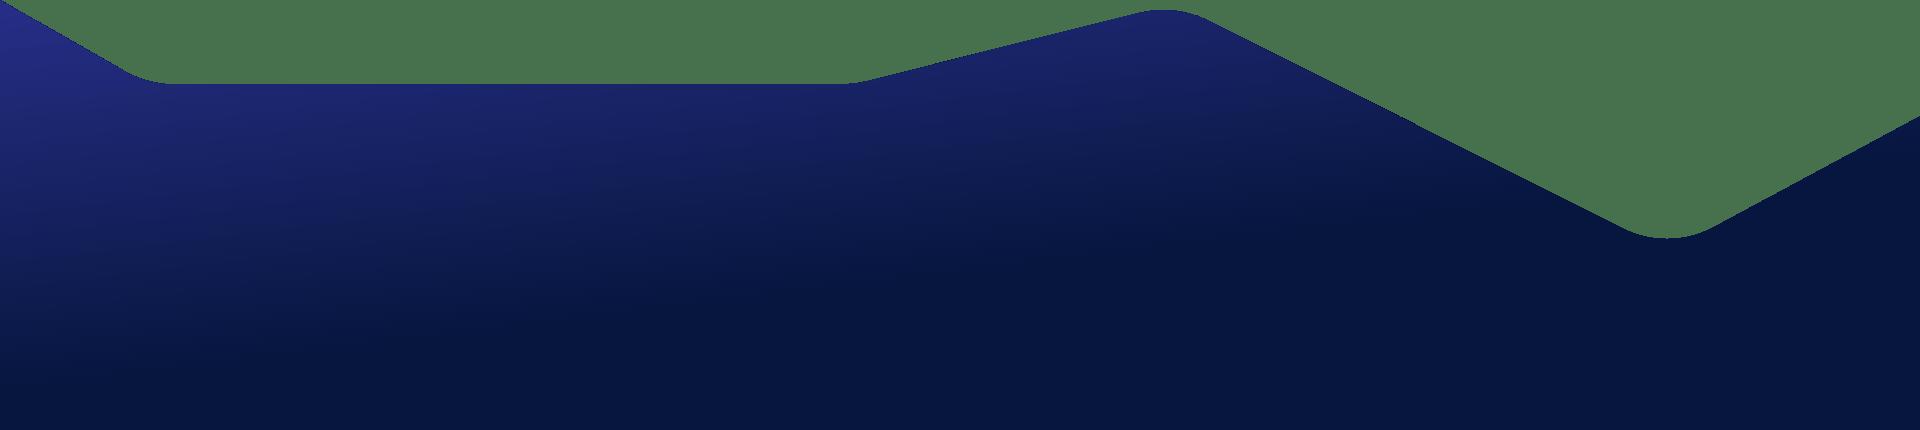 dark-wave-small-hero